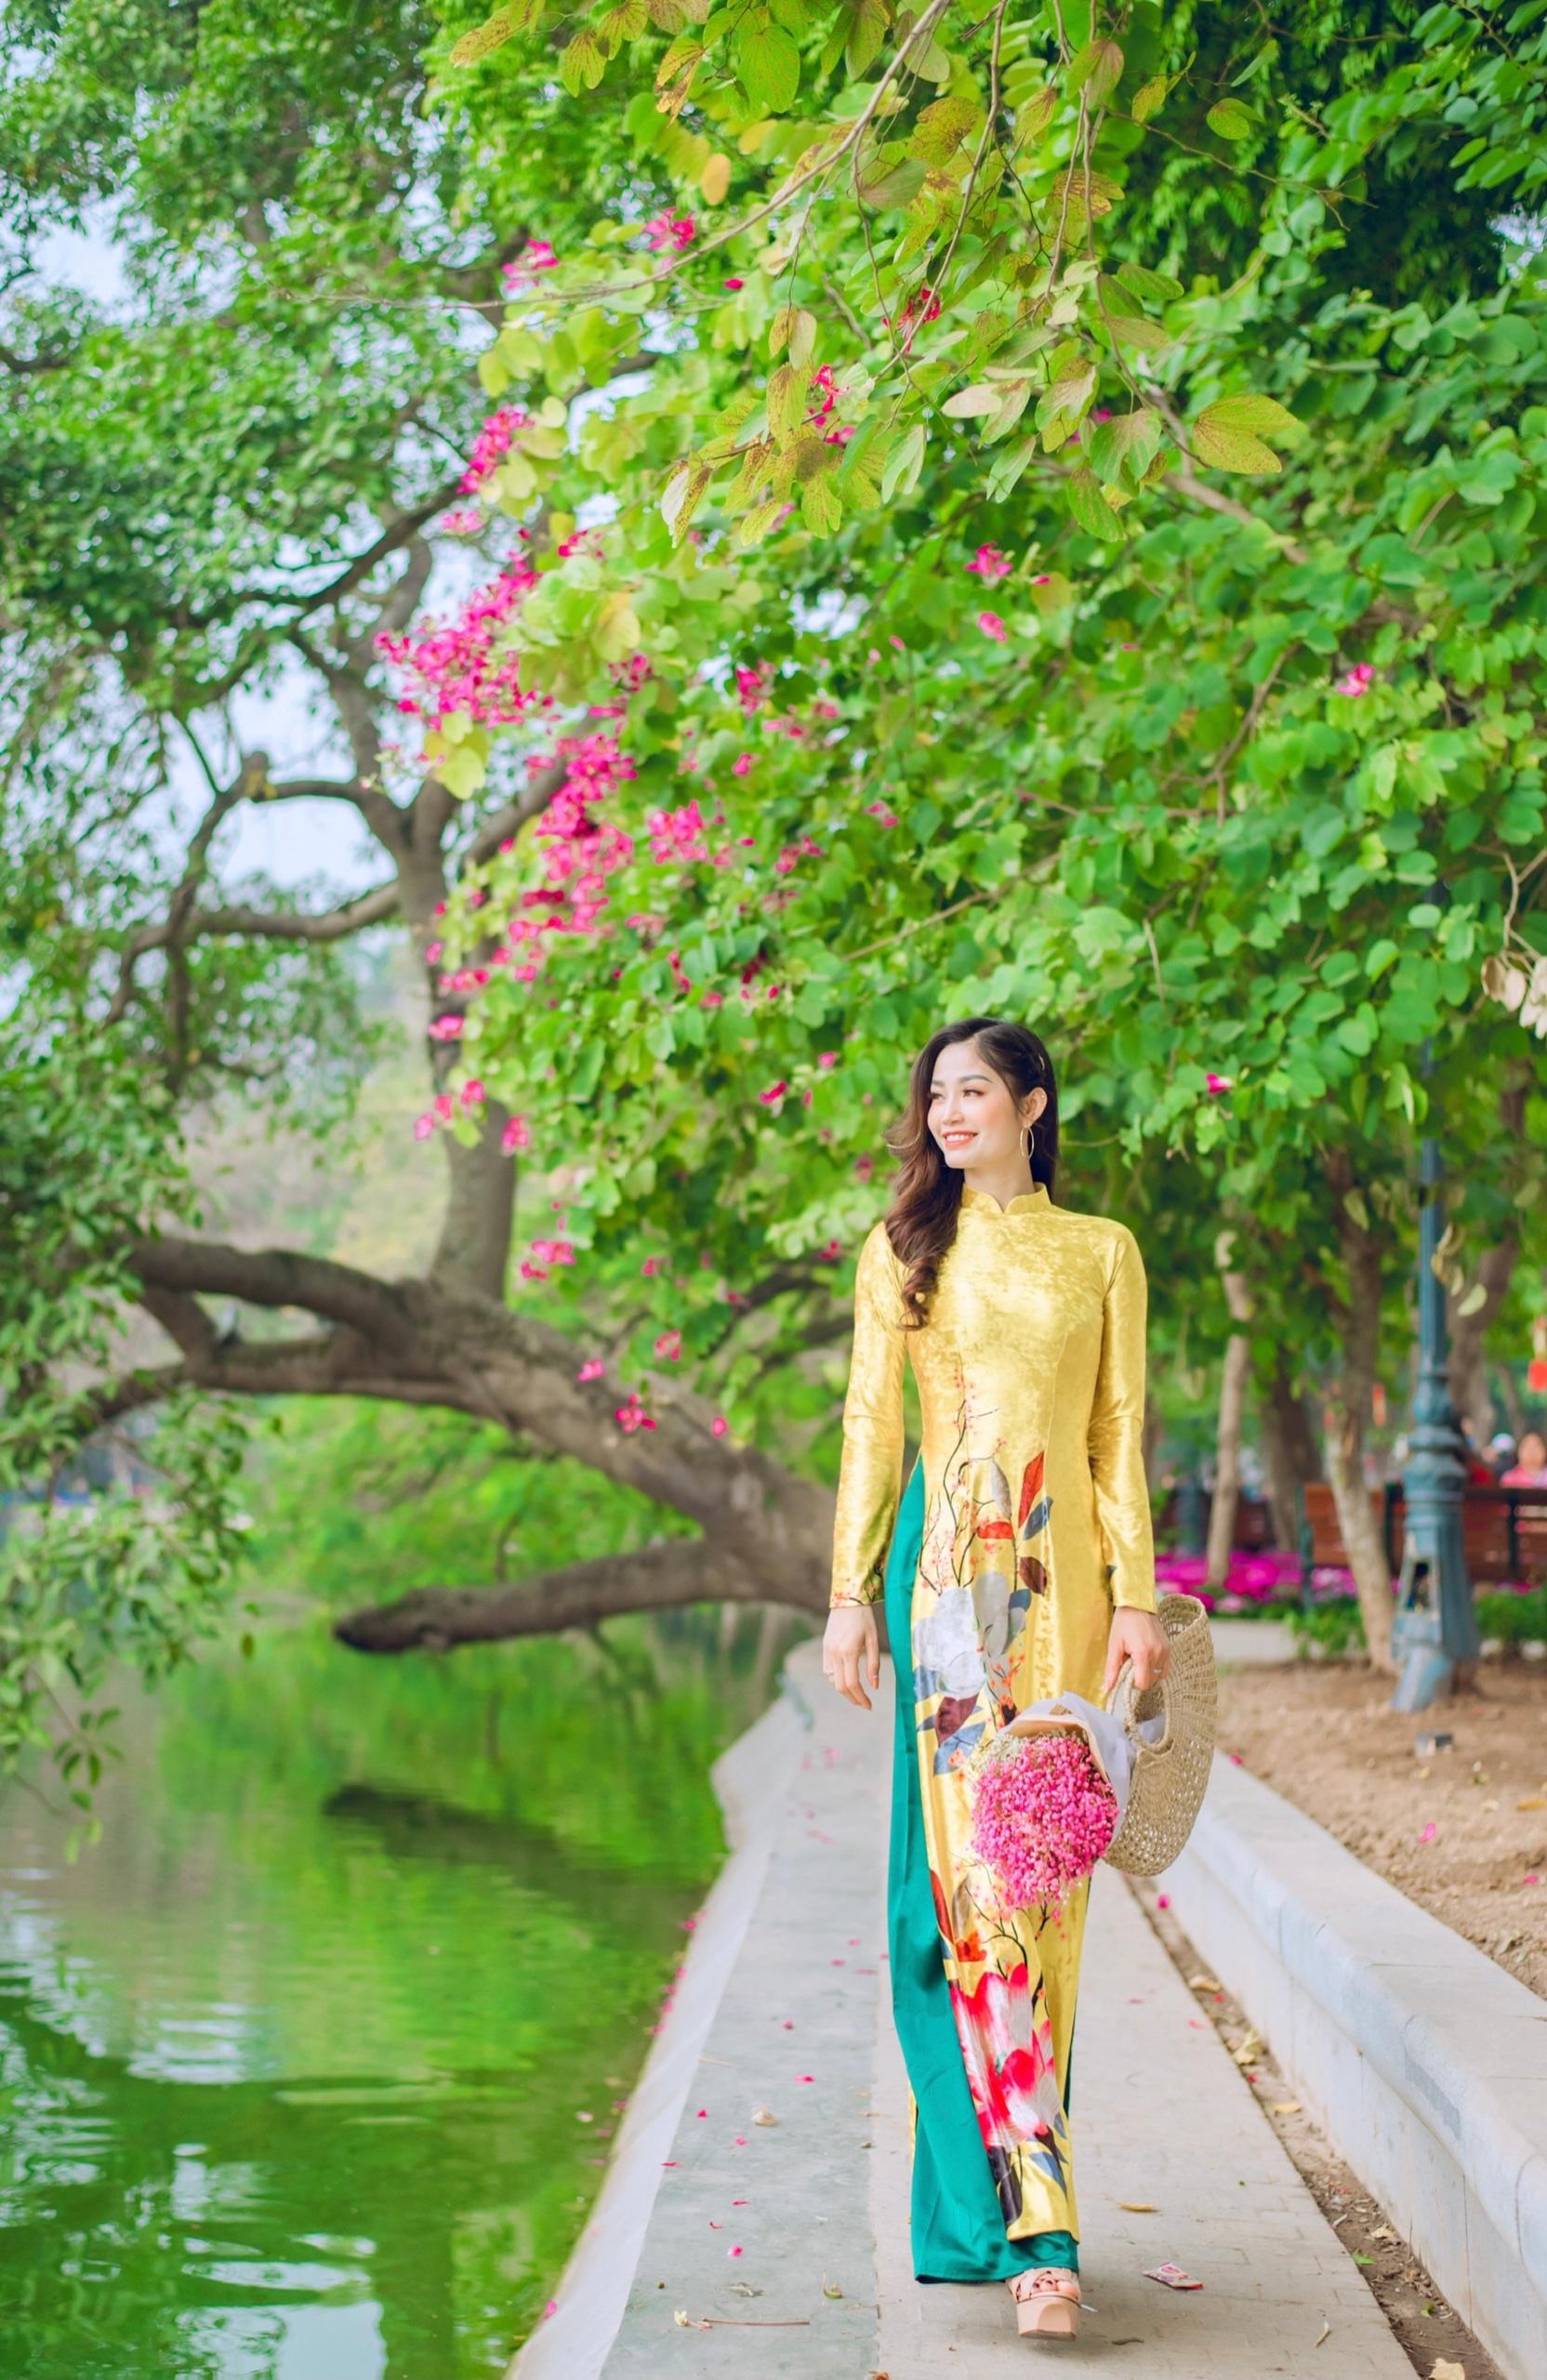 Chọn áo dài xuống phố xuân cùng Huấn luyện viên Yoga Quỳnh Phạm